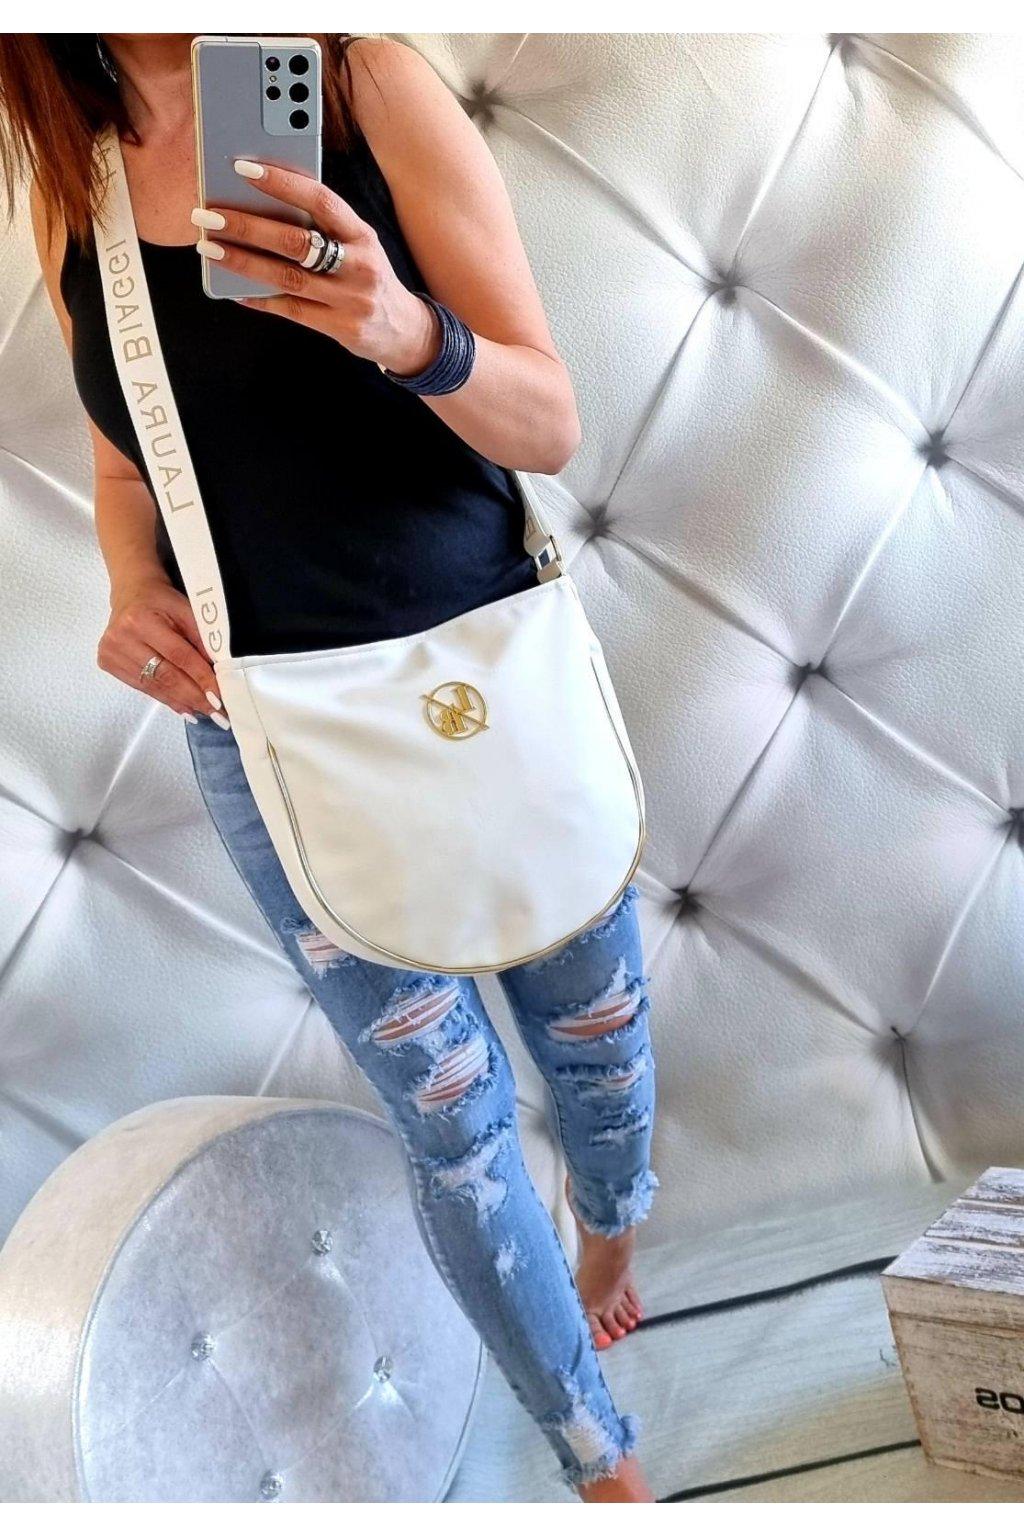 Laura Biaggi kabelka trendy značková luxusní crossbody easy bílá jednoduchá